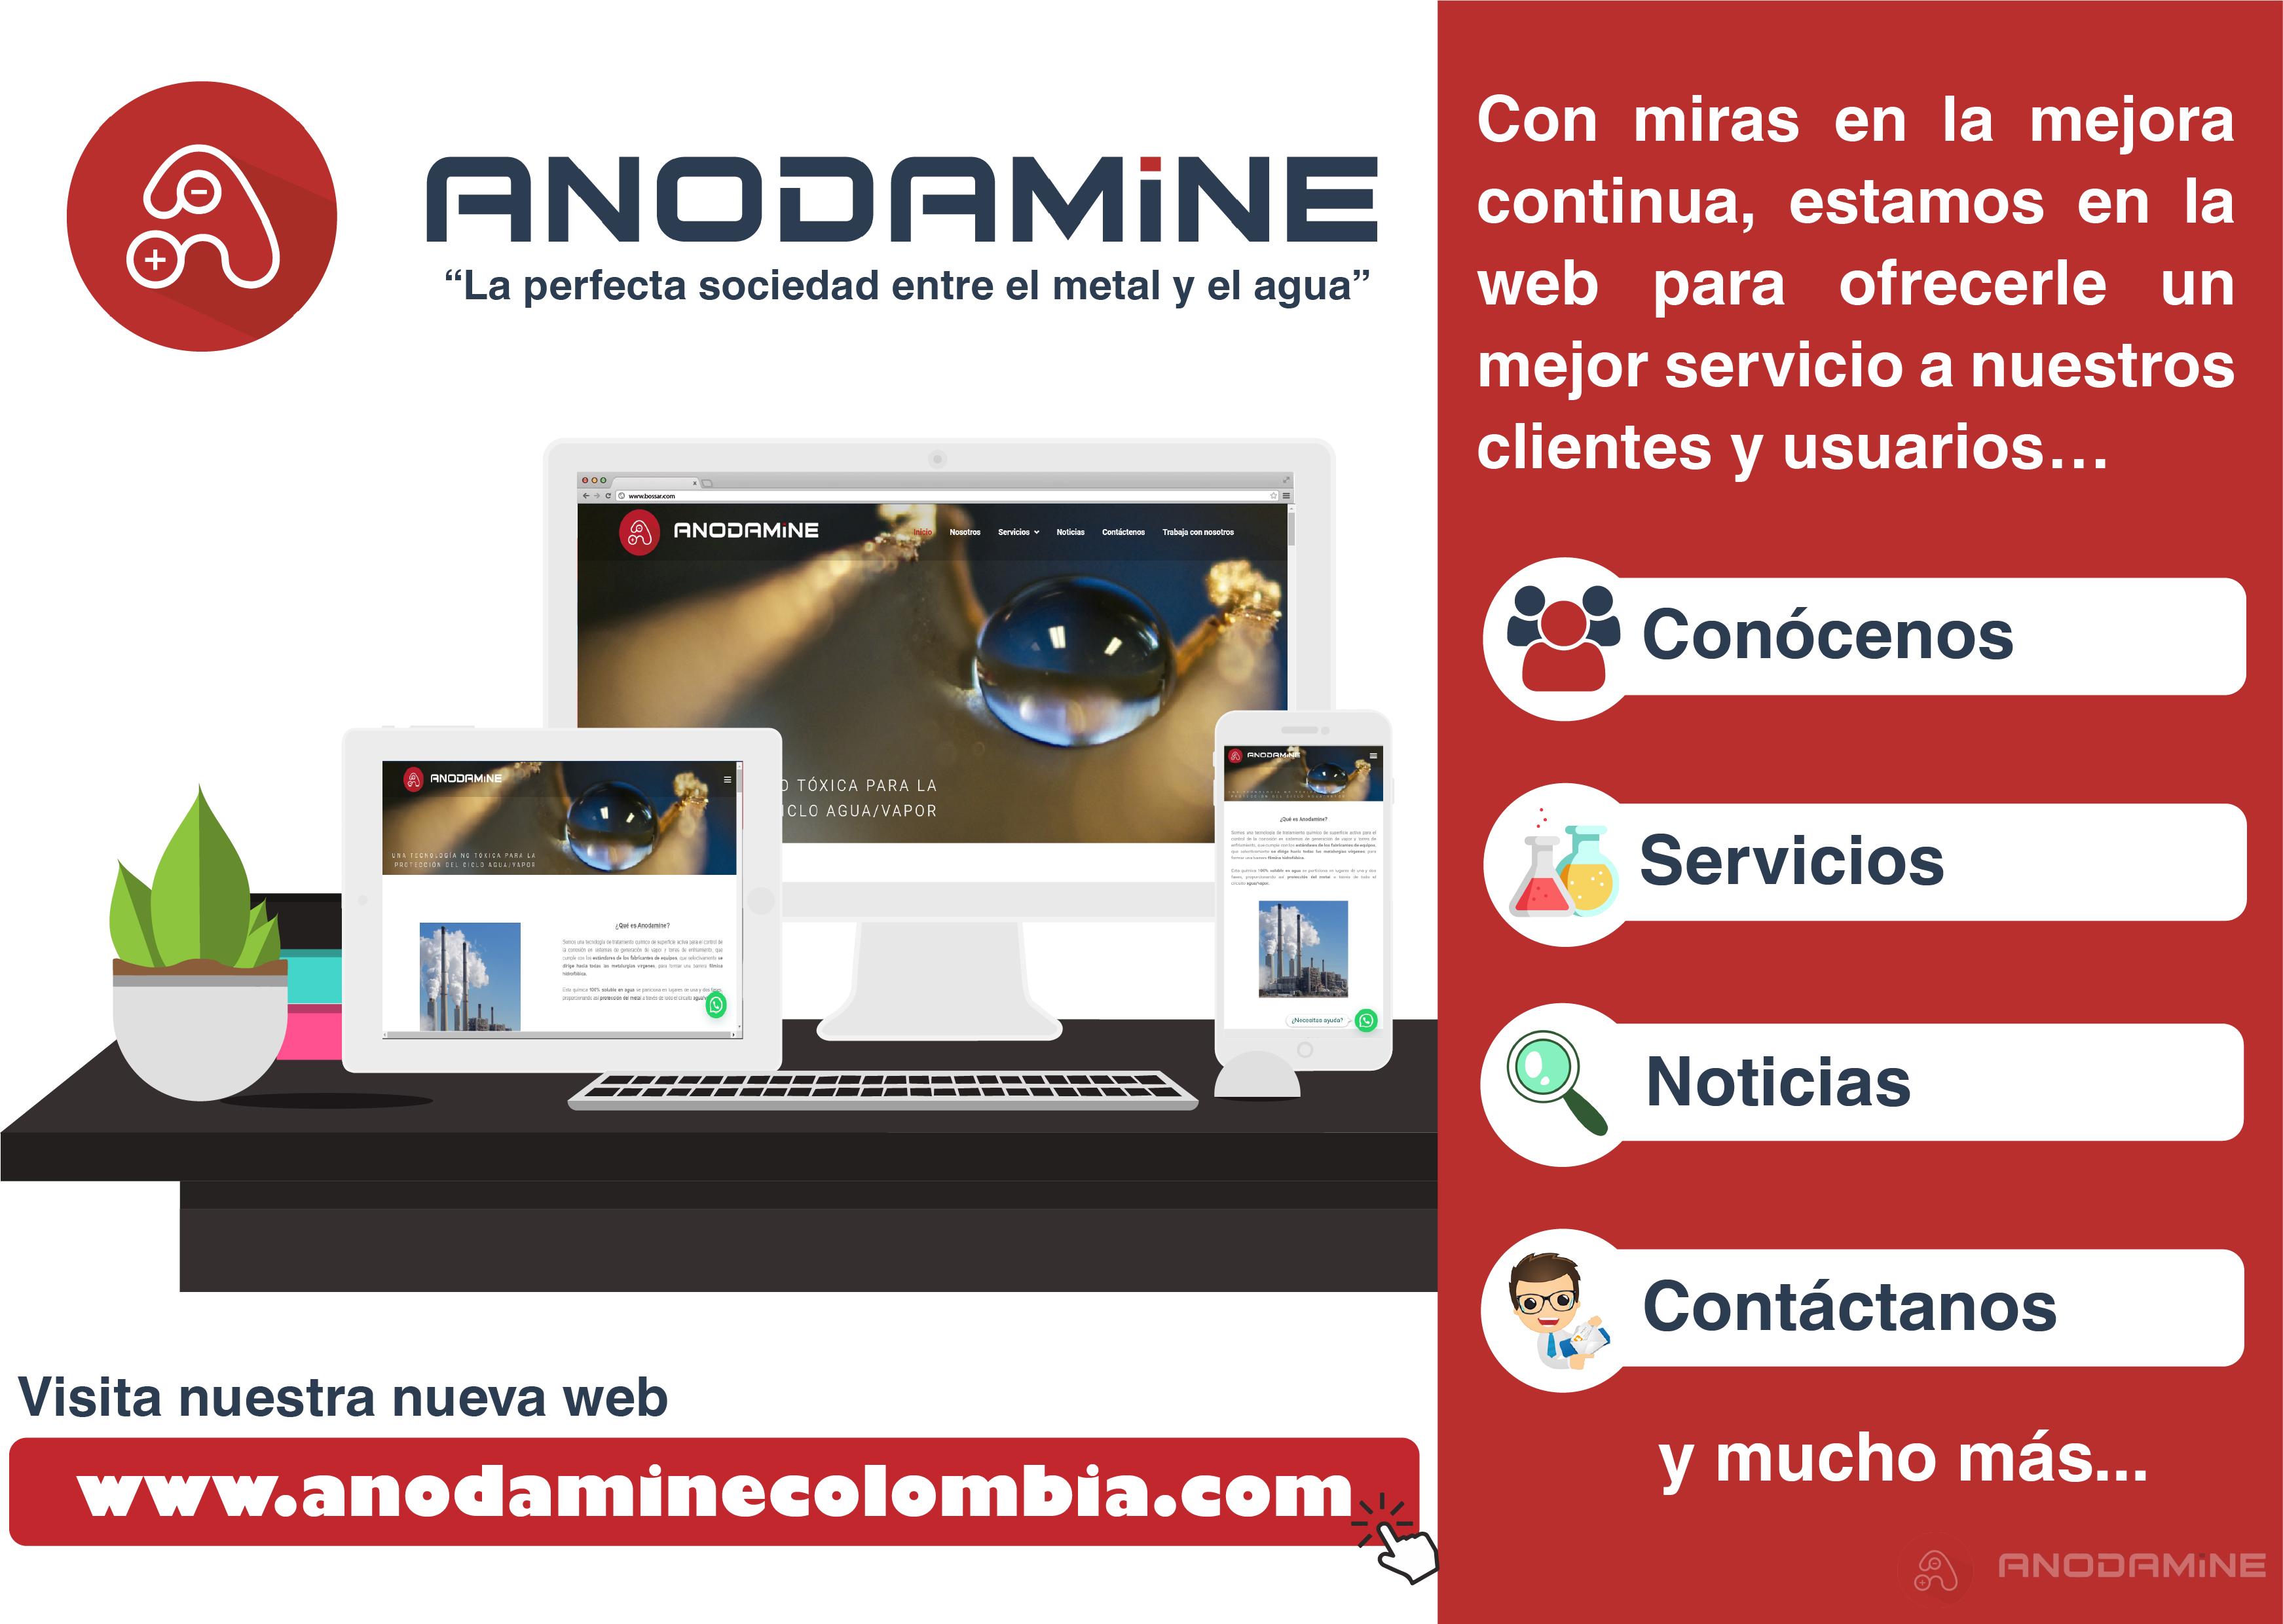 Anodamine Colombia lanza su nueva página